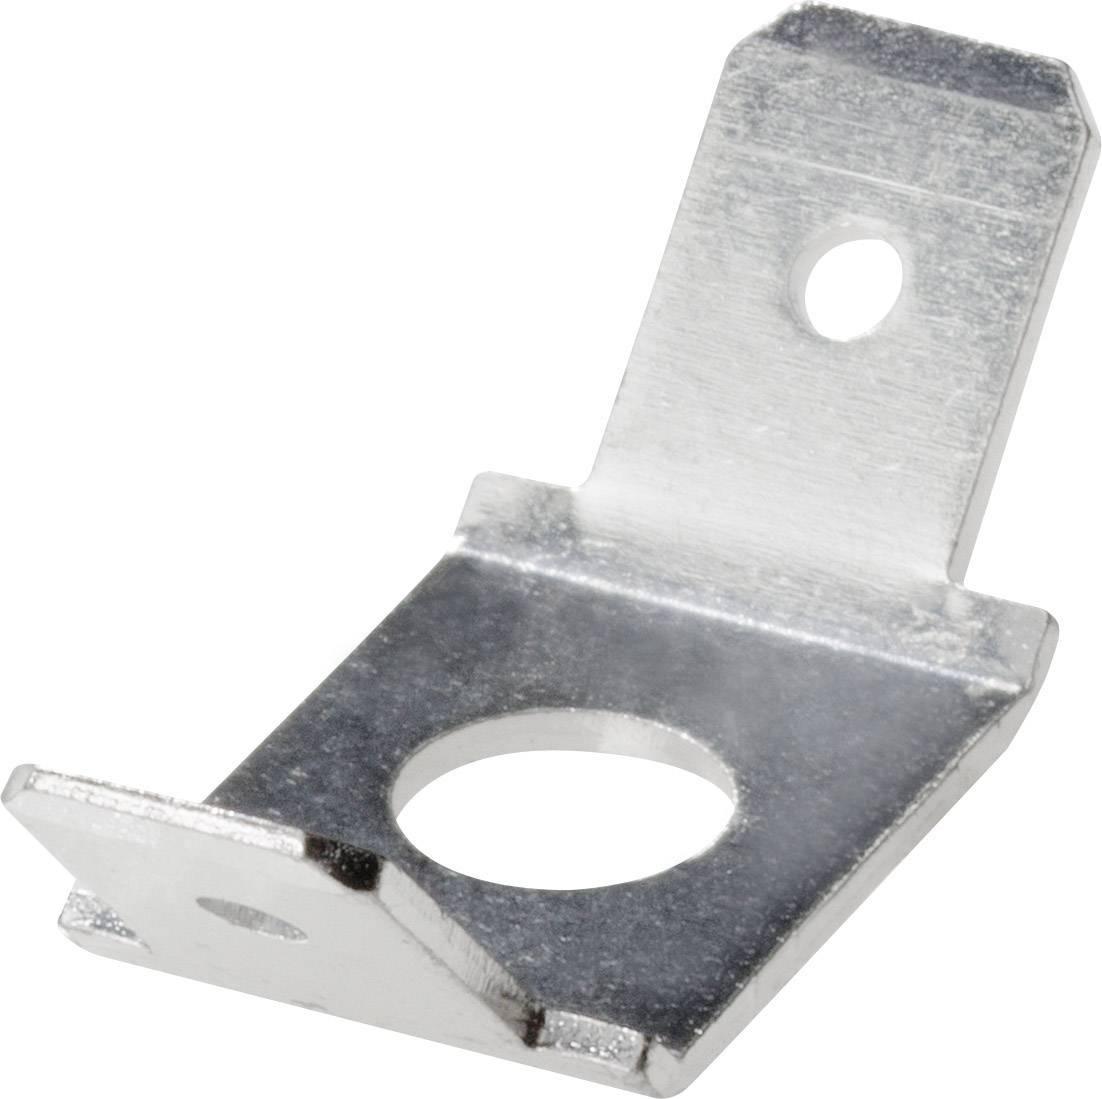 Nožová zástrčka Šírka zástrčky: 6.3 mm Hrúbka konektoru: 0.8 mm 45 °, 45 ° bez izolácie